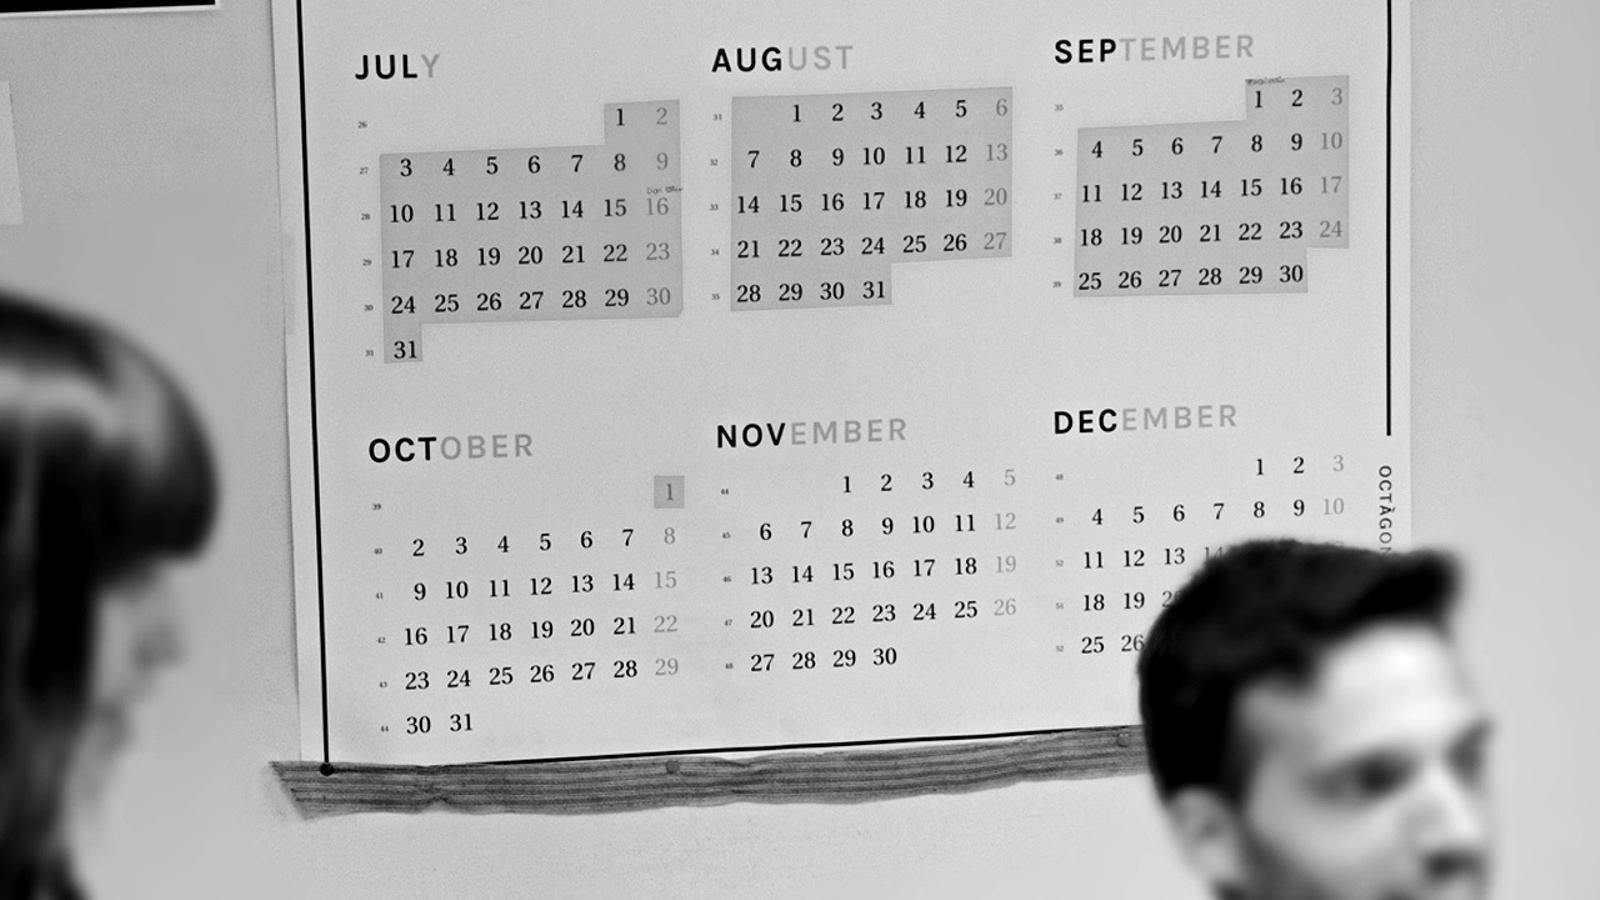 L'anàlisi d'Antoni Bassas: 'Falten tres mesos'